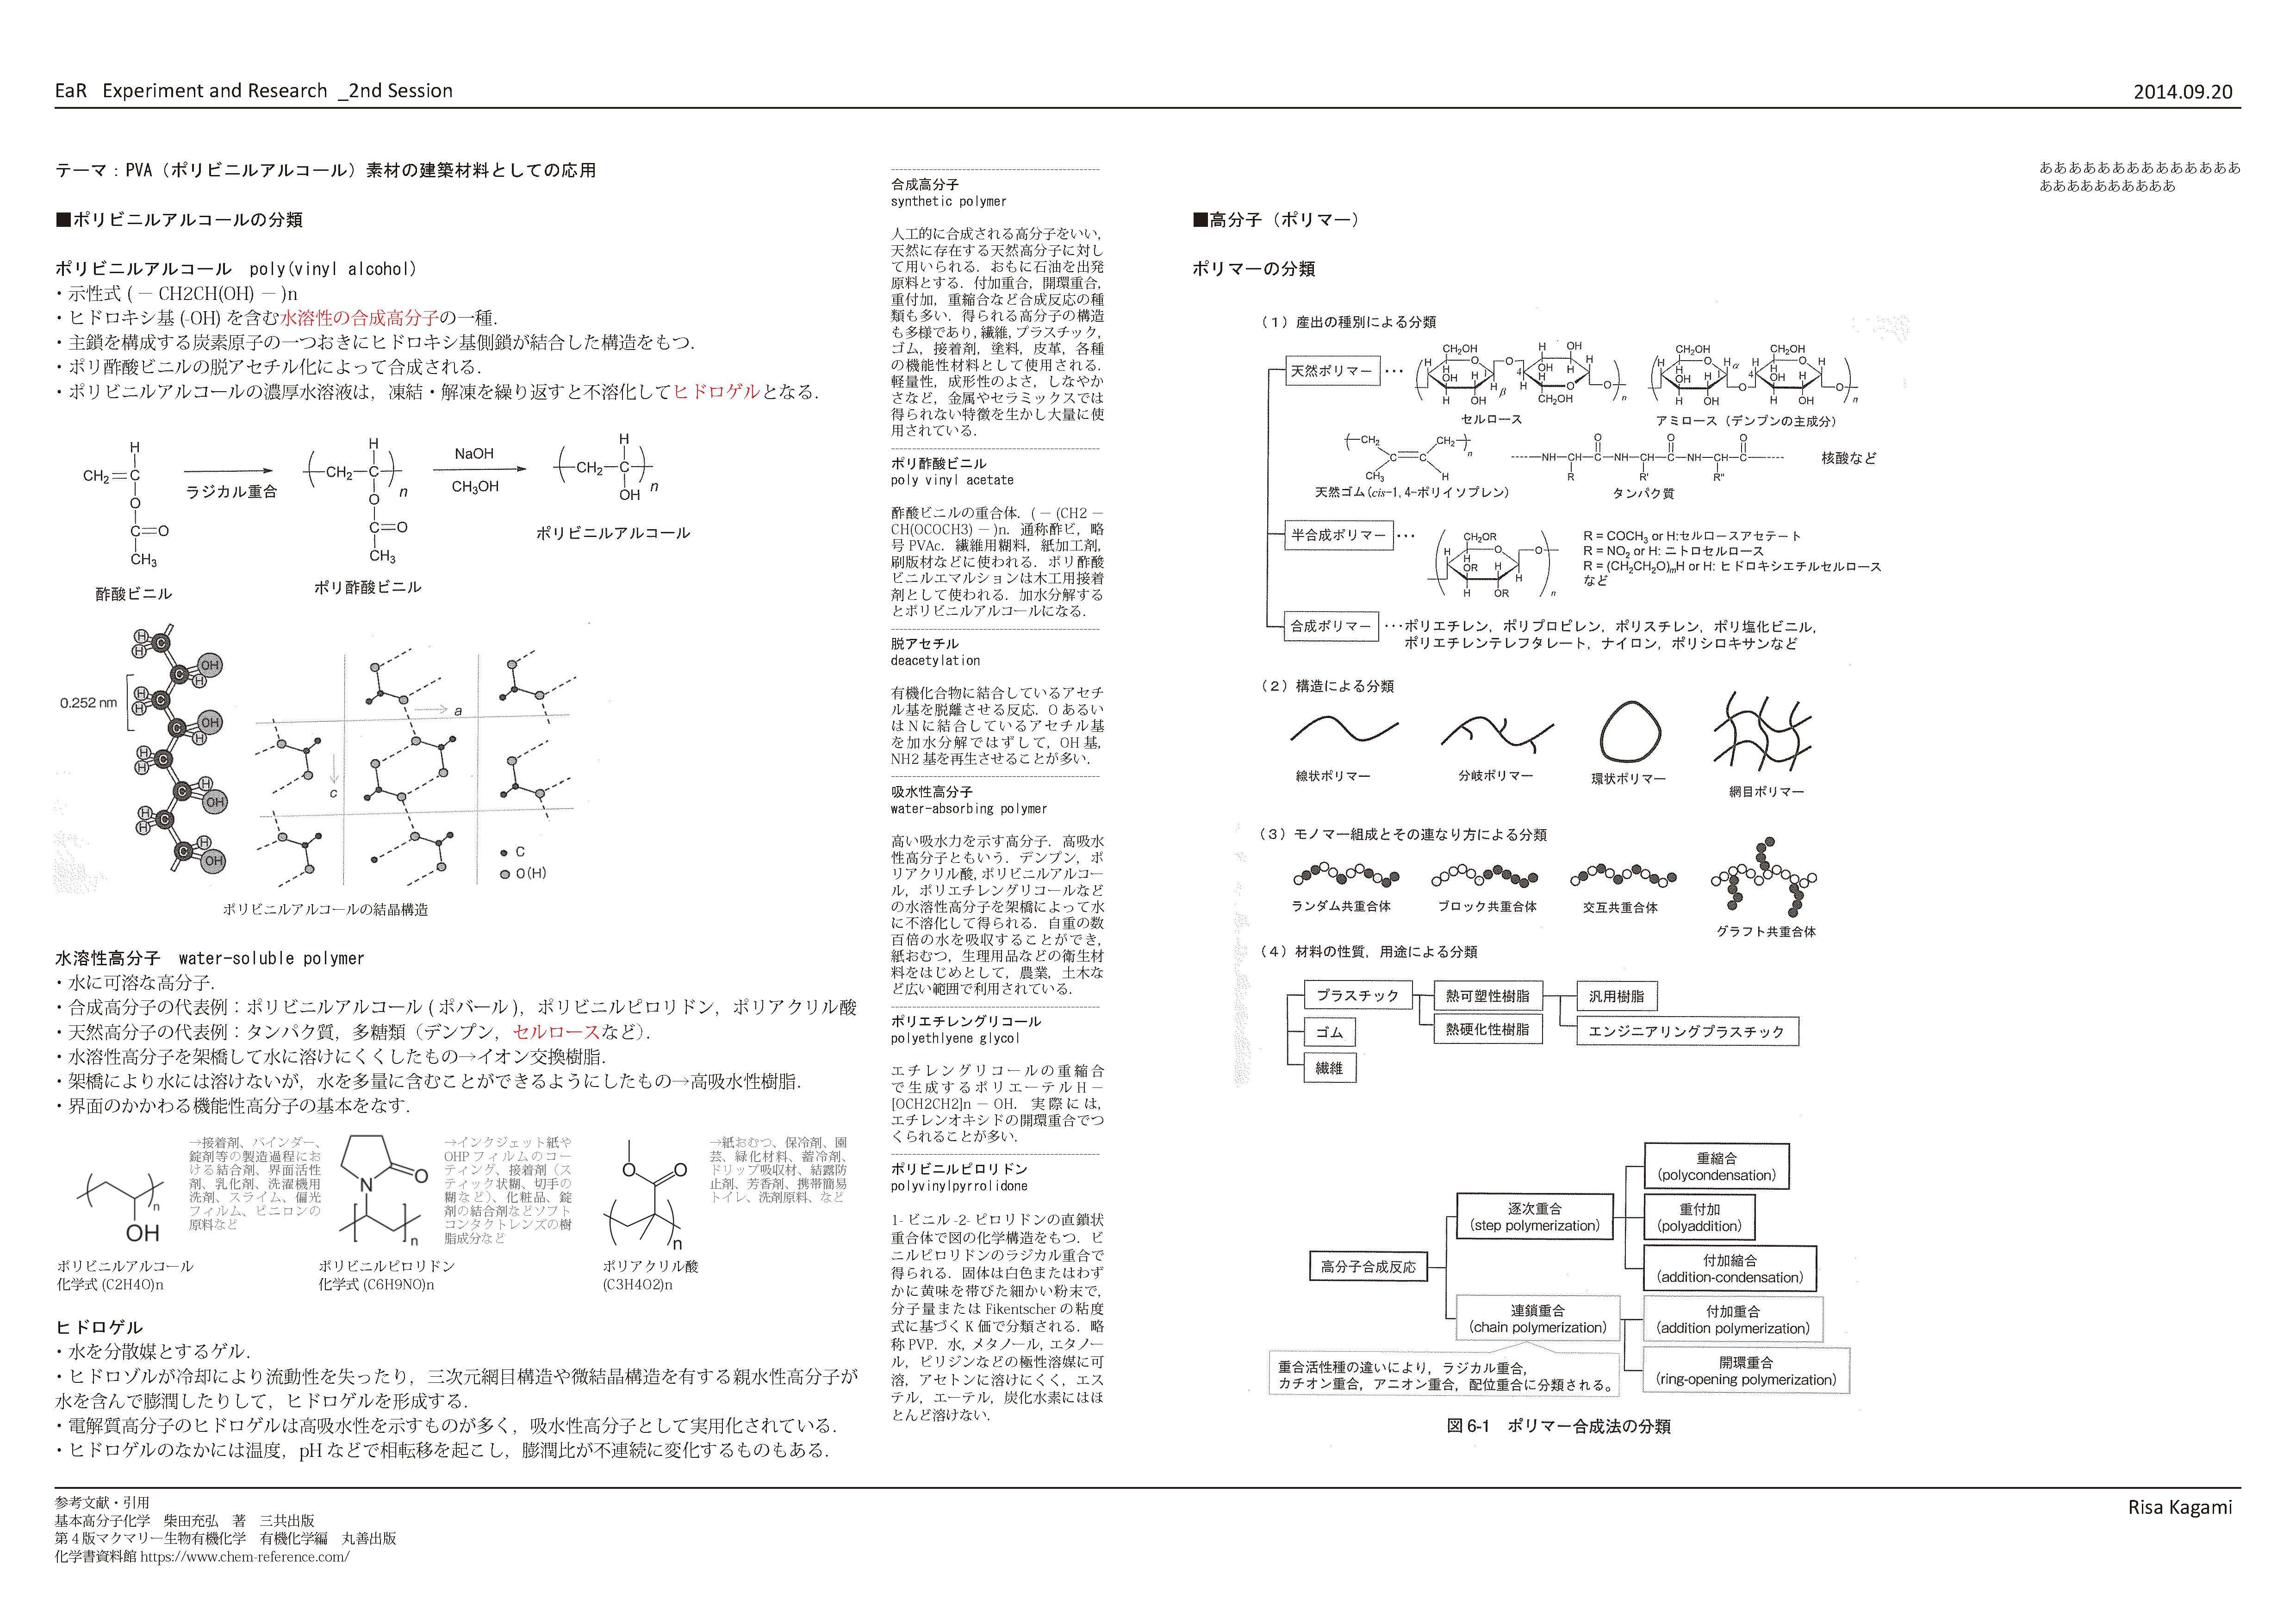 2014_9_19_kagami_EaR_2nd_ページ_1